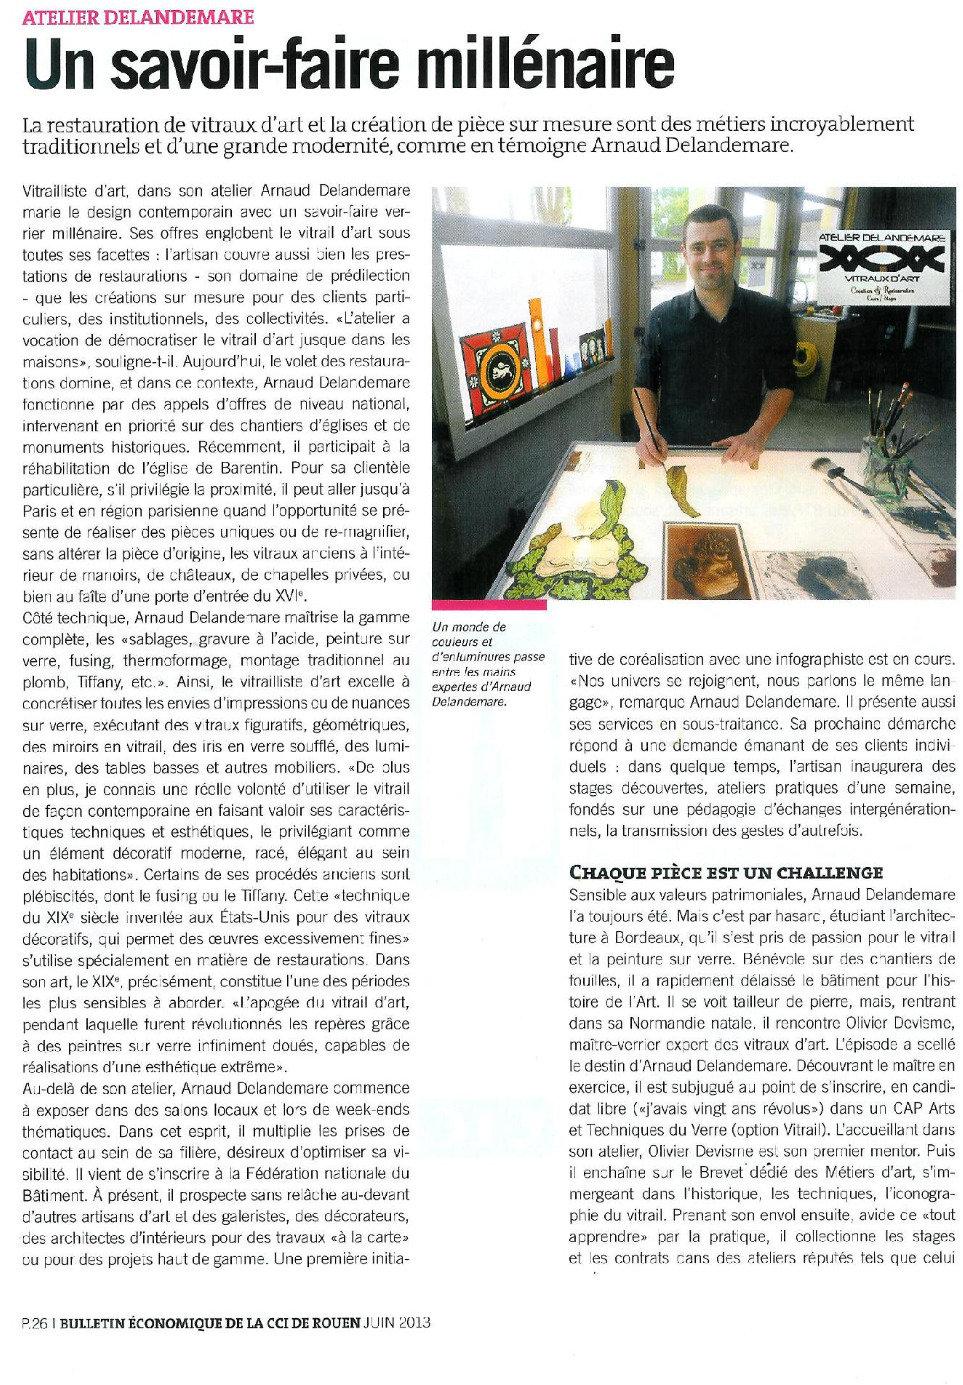 article bulletin économique